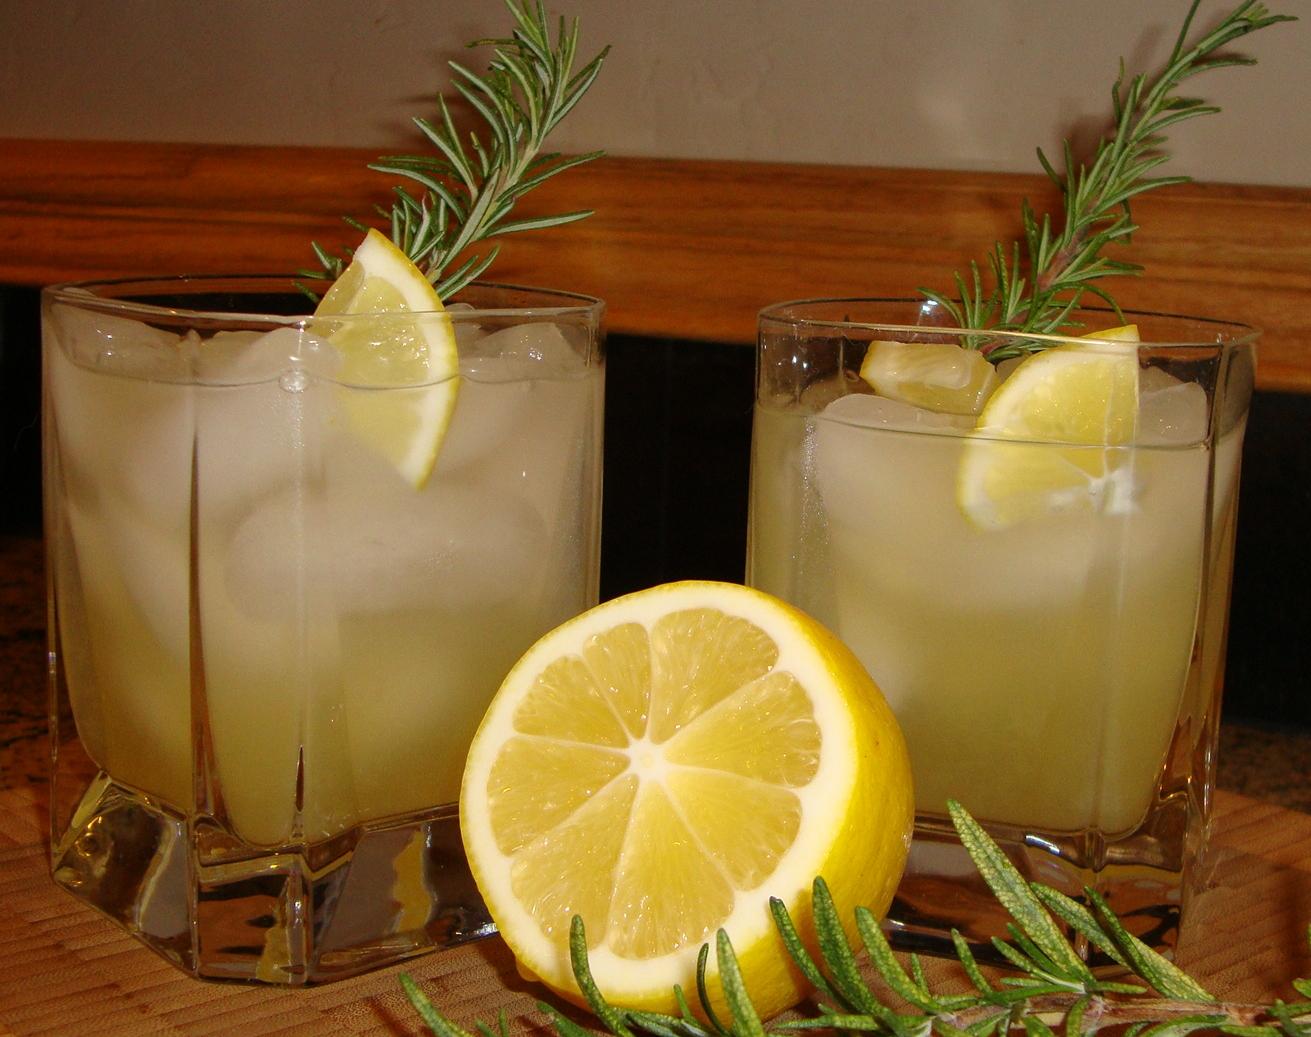 Ginger, Rosemary, Lemon Spritzer Friday's 5 o'clock Wet Your Whistle ...